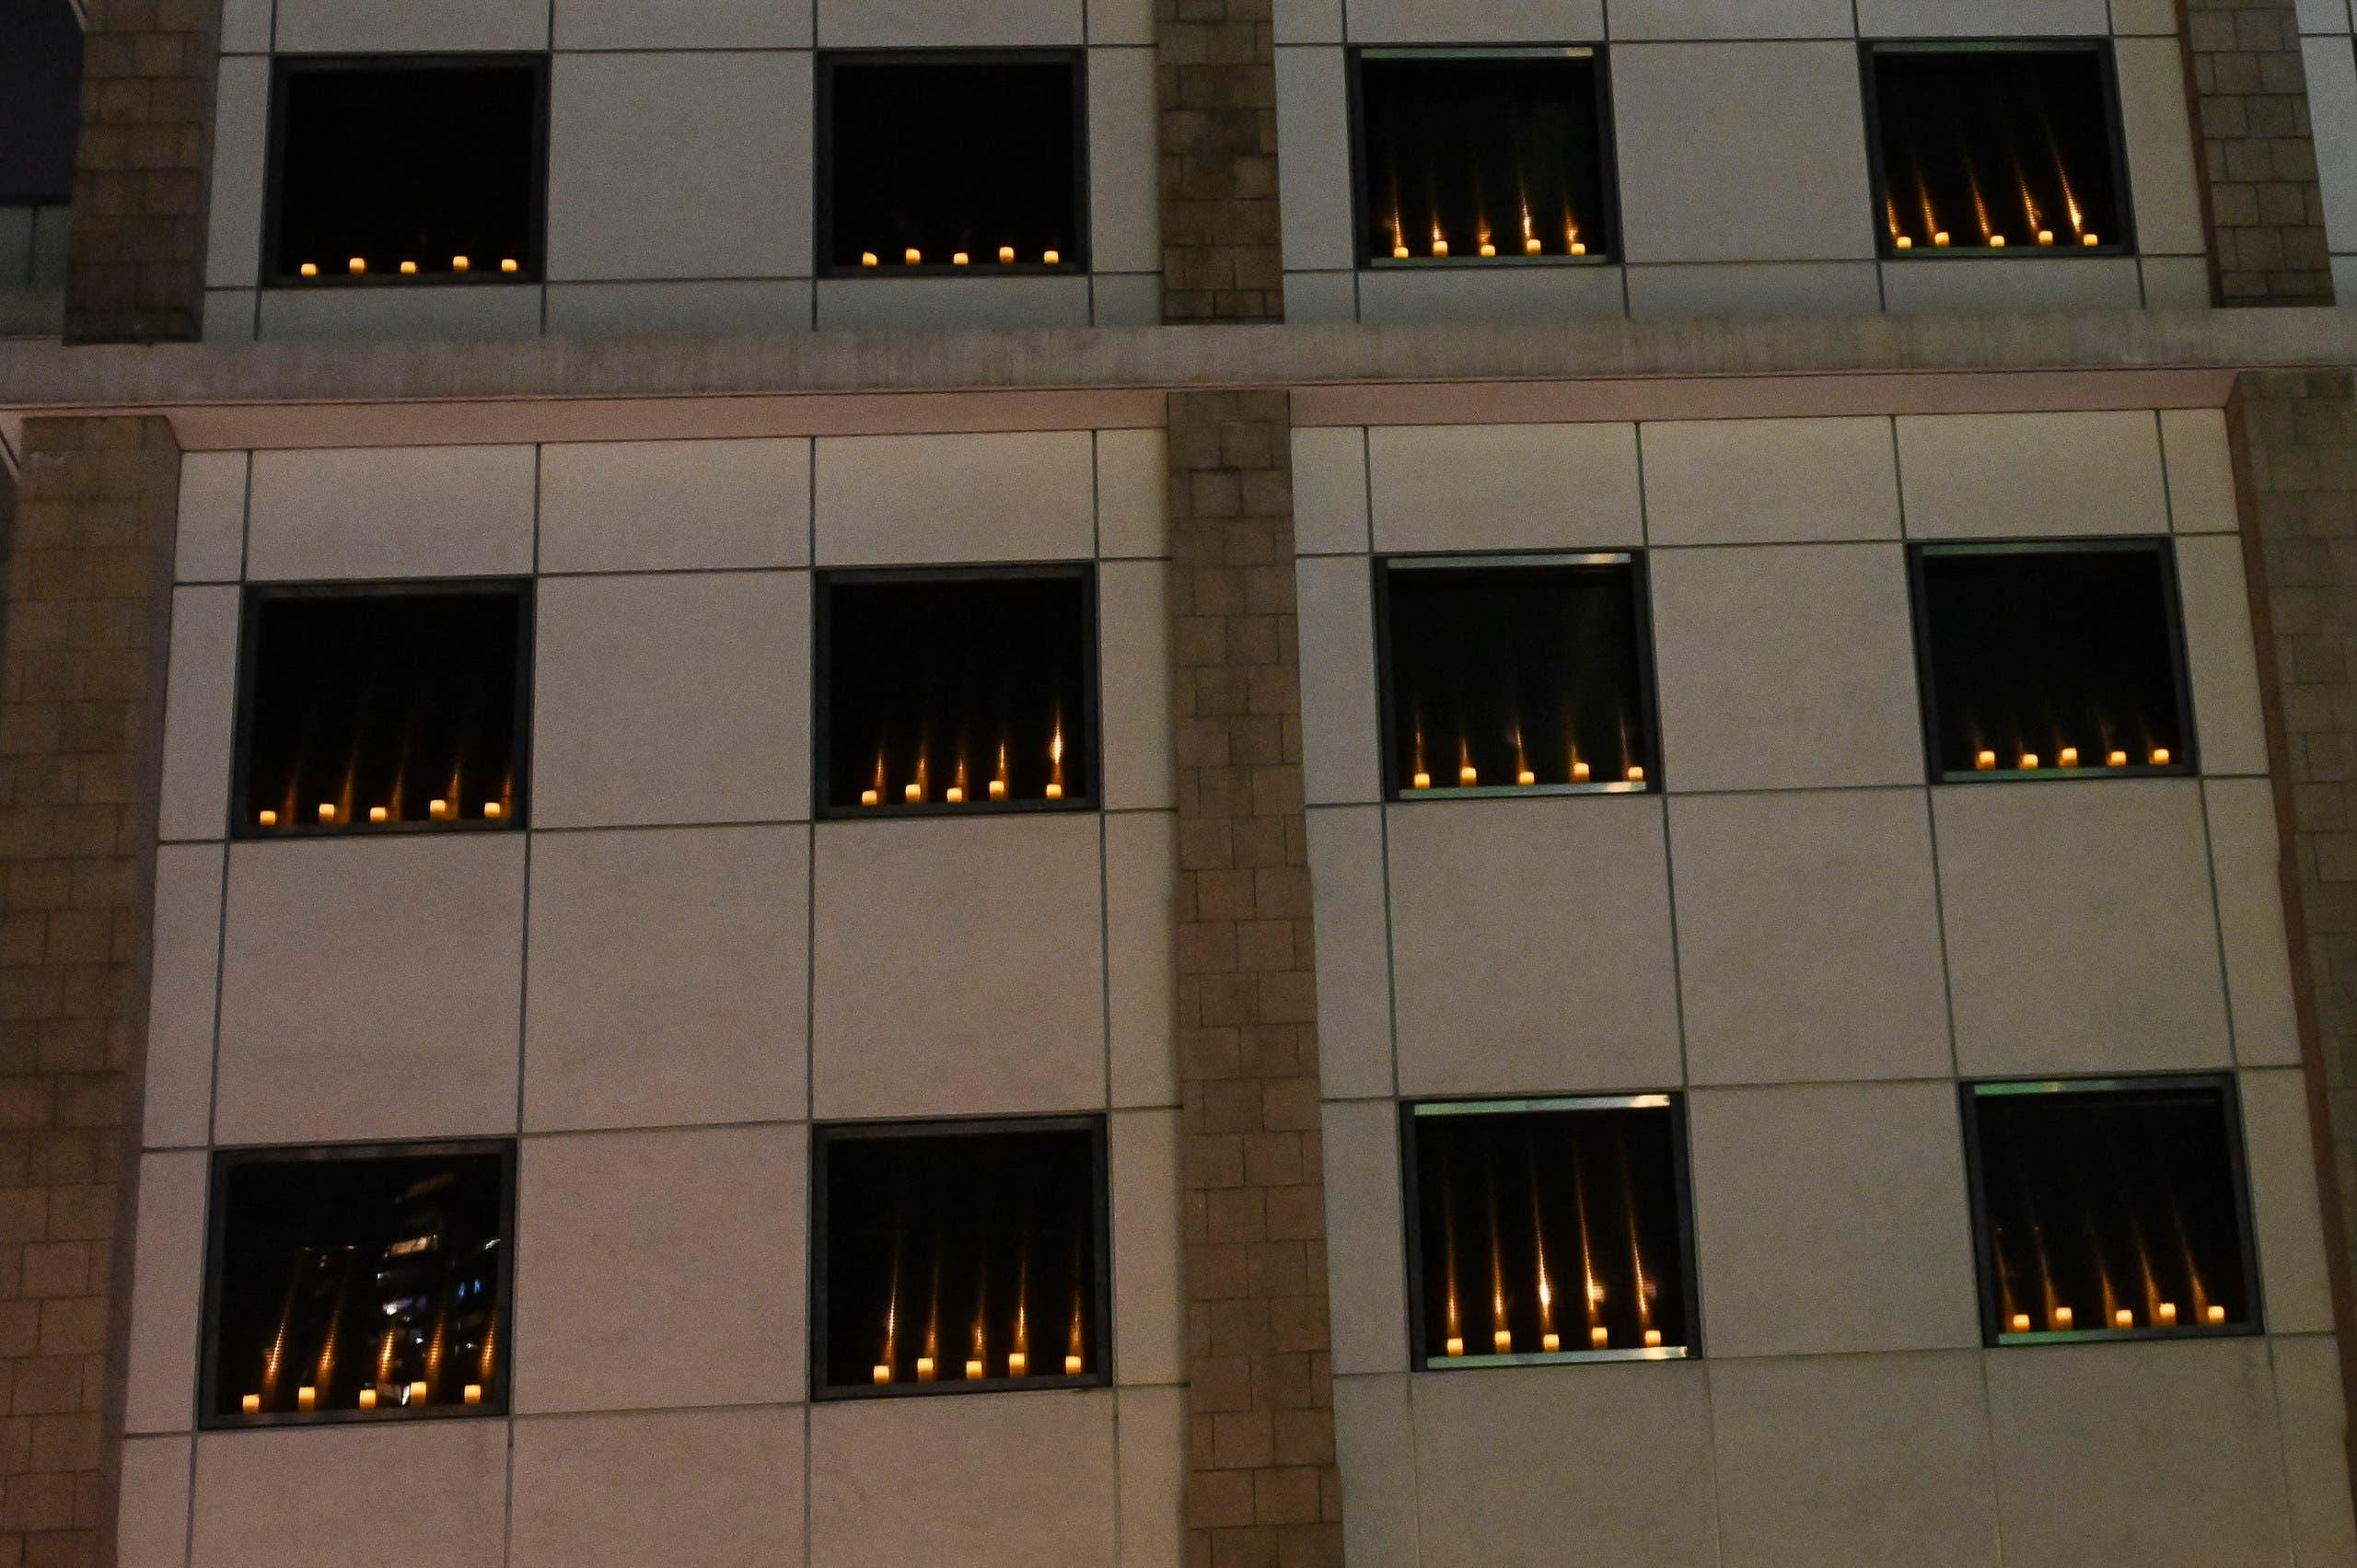 شموع مضاءة على نوافذ قنصيلة الولايات المتحدة في بكين